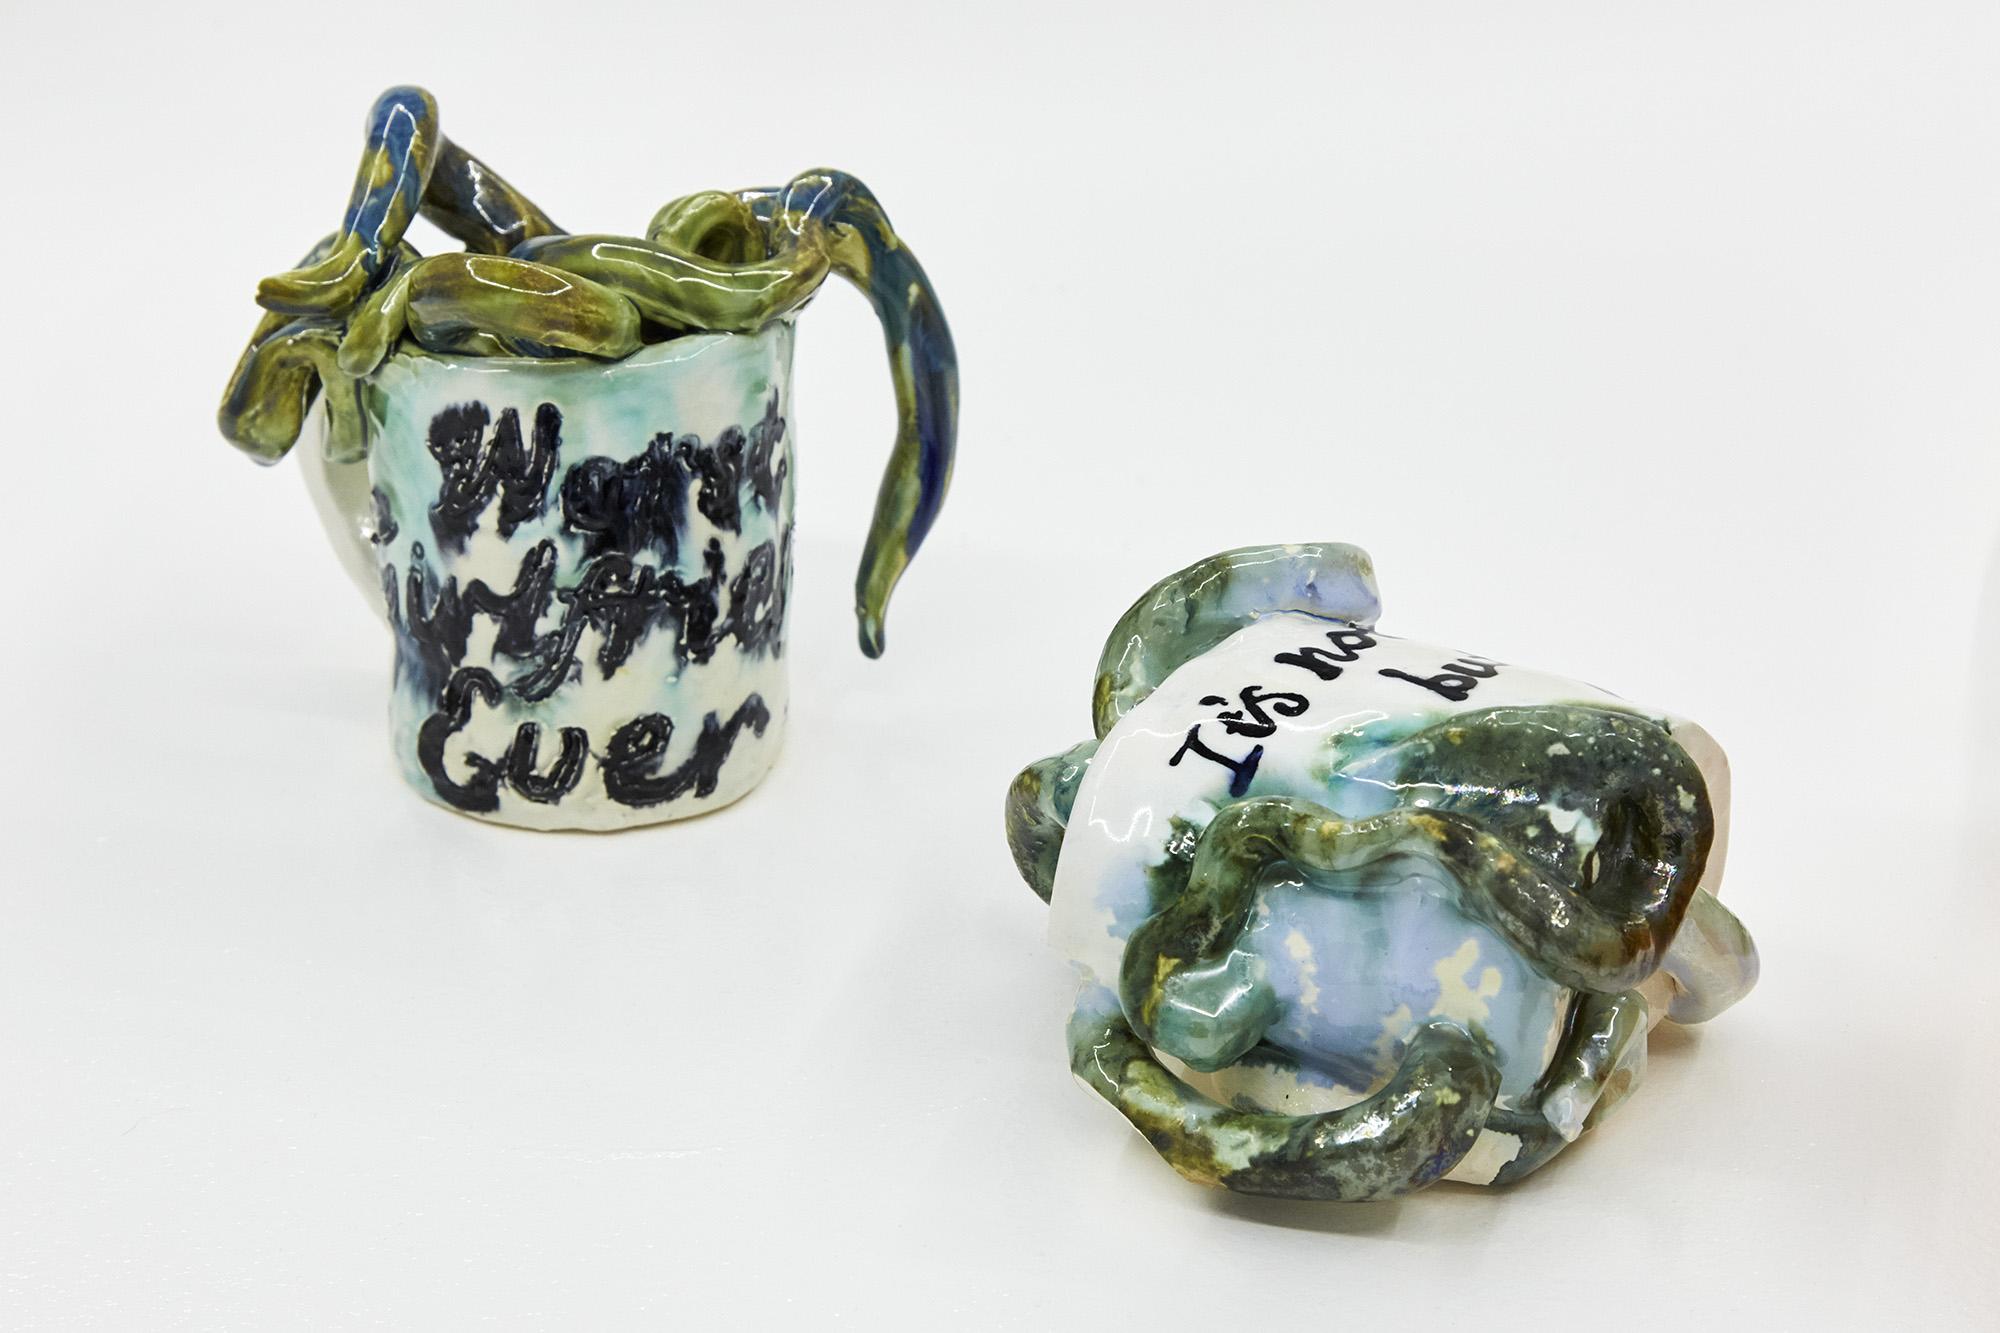 Worst Girlfriend Ever Glazed Ceramic 13 x 15 x 10cm, 2019